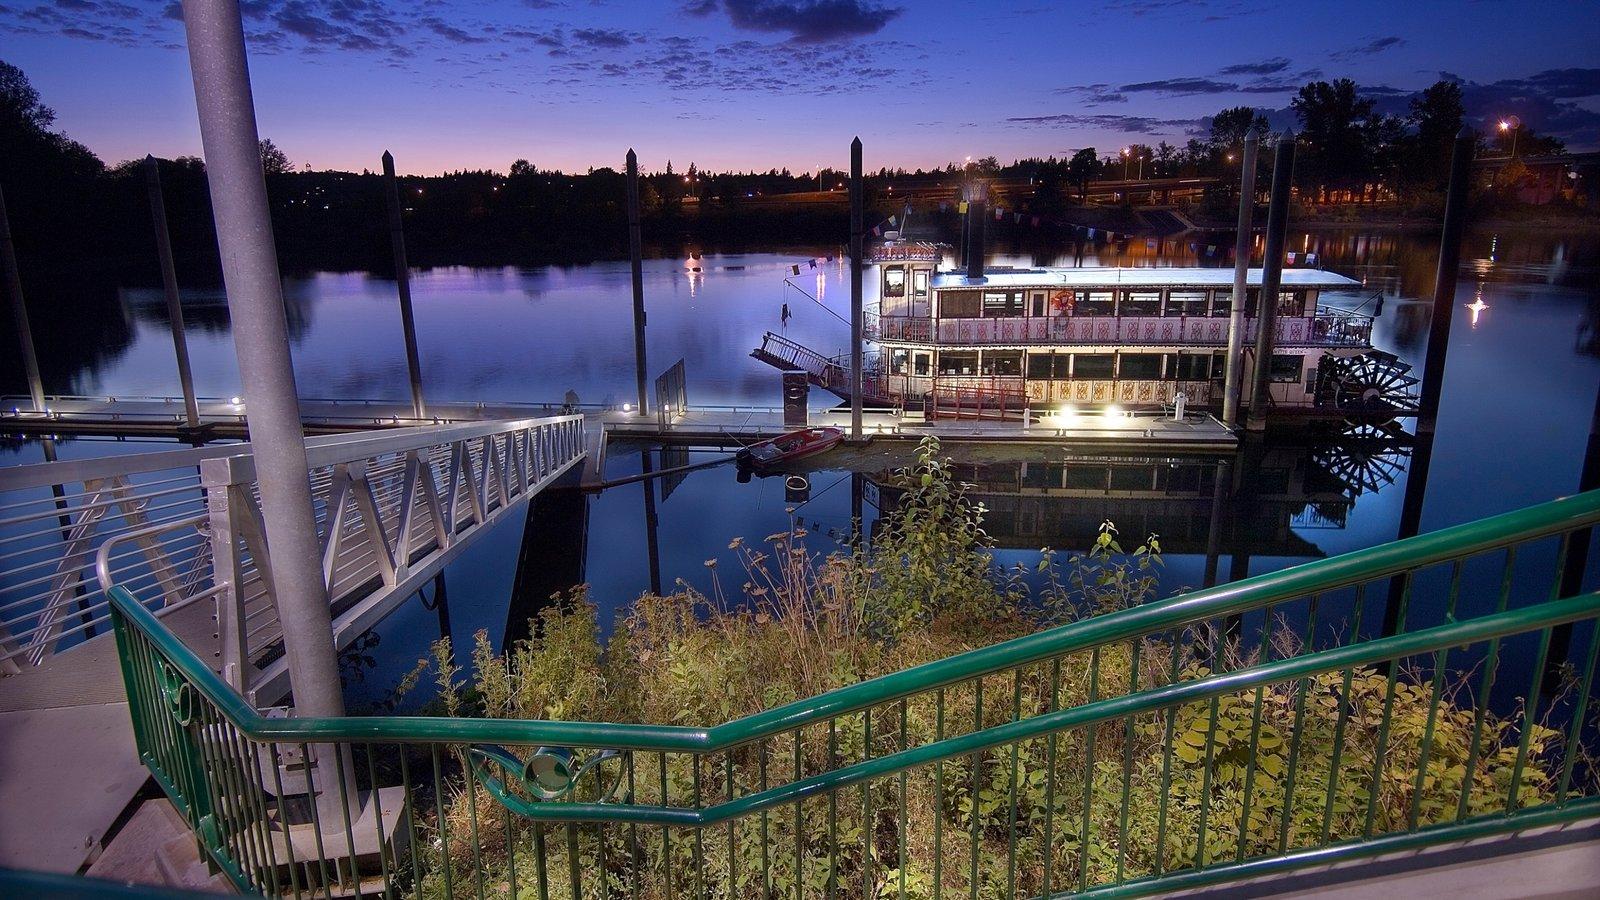 Salem que incluye un río o arroyo, una marina y un ferry